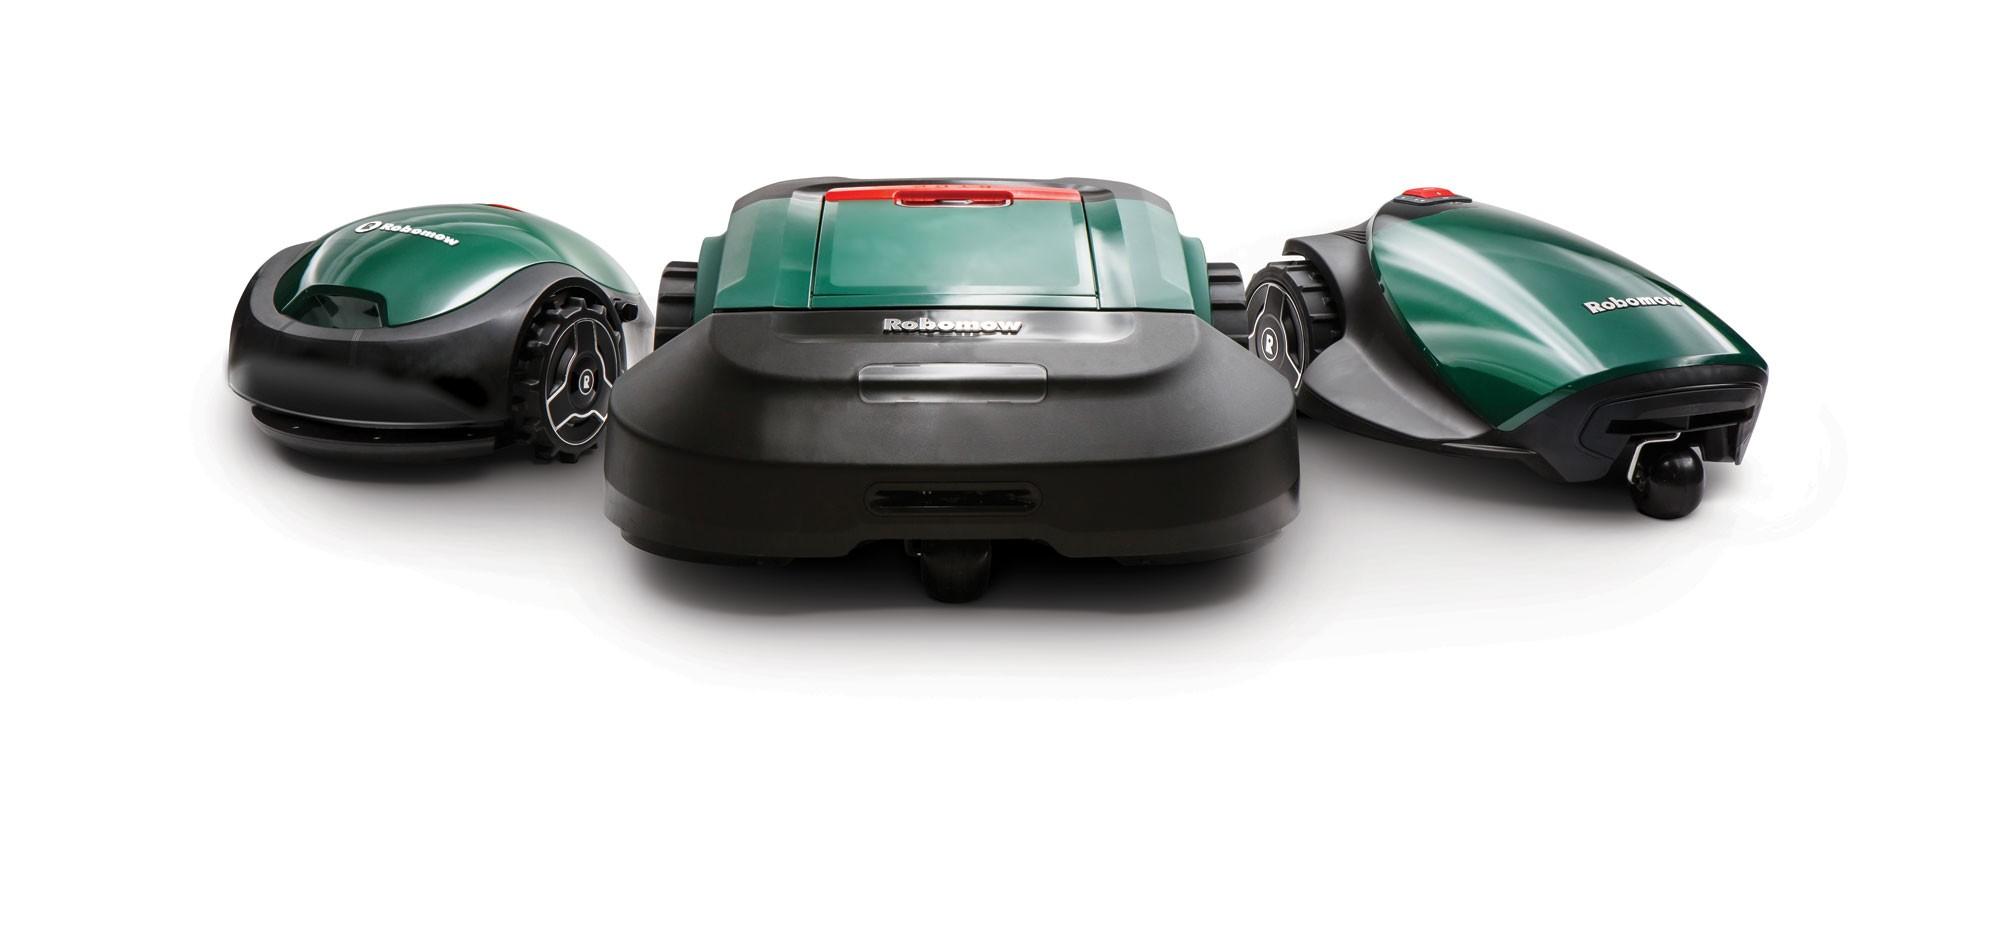 Robomow Mähroboter / Rasenroboter RX Clever 12u  SB 18cm Bild 2